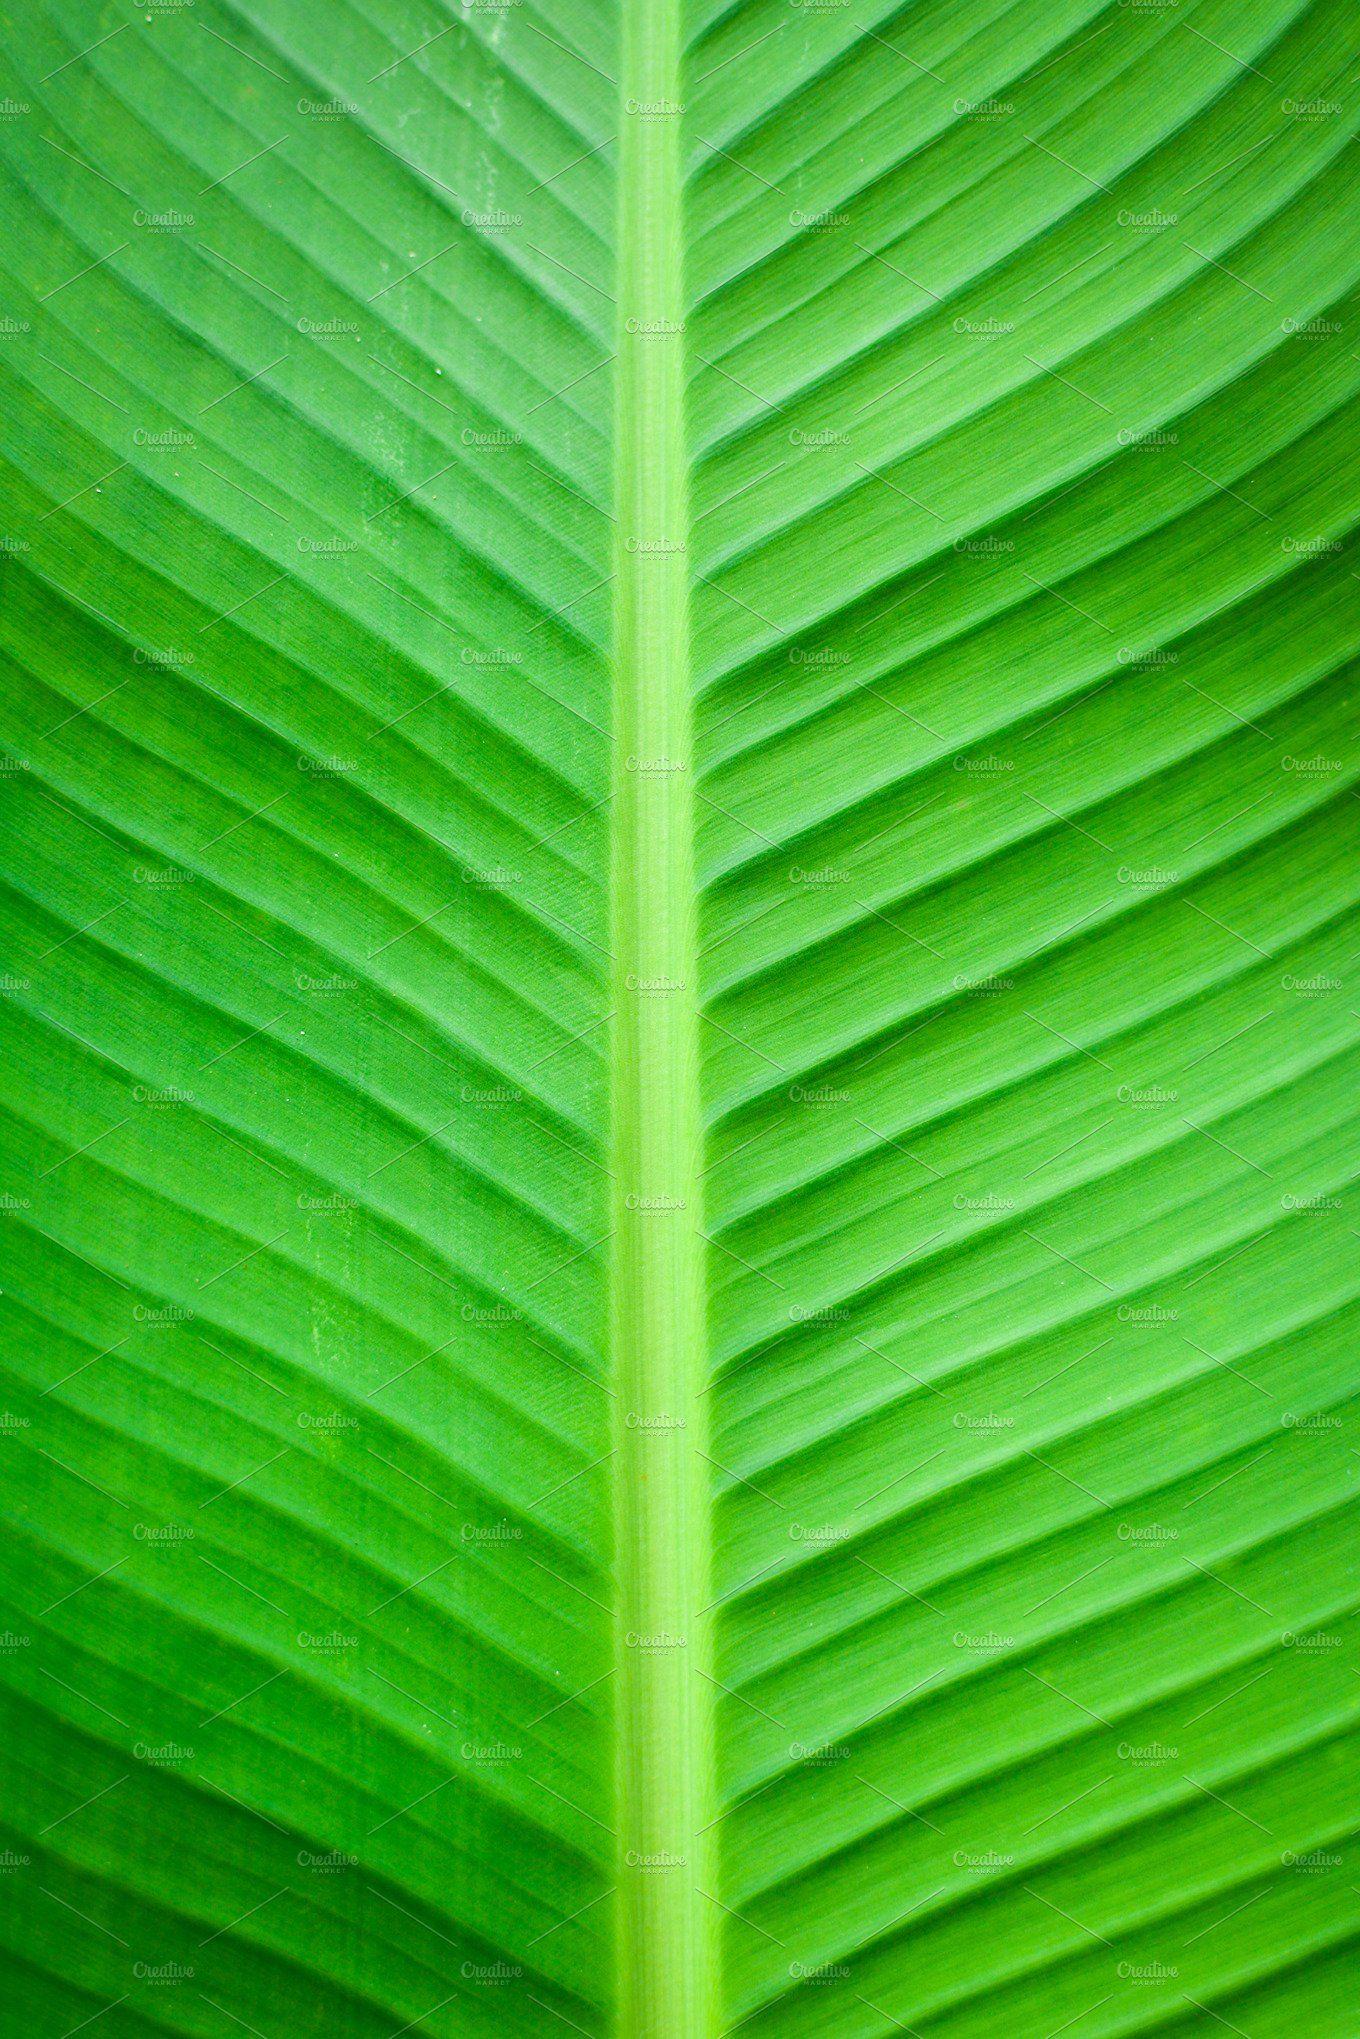 Banana Leaf Background Leaf Background Banana Leaf Background